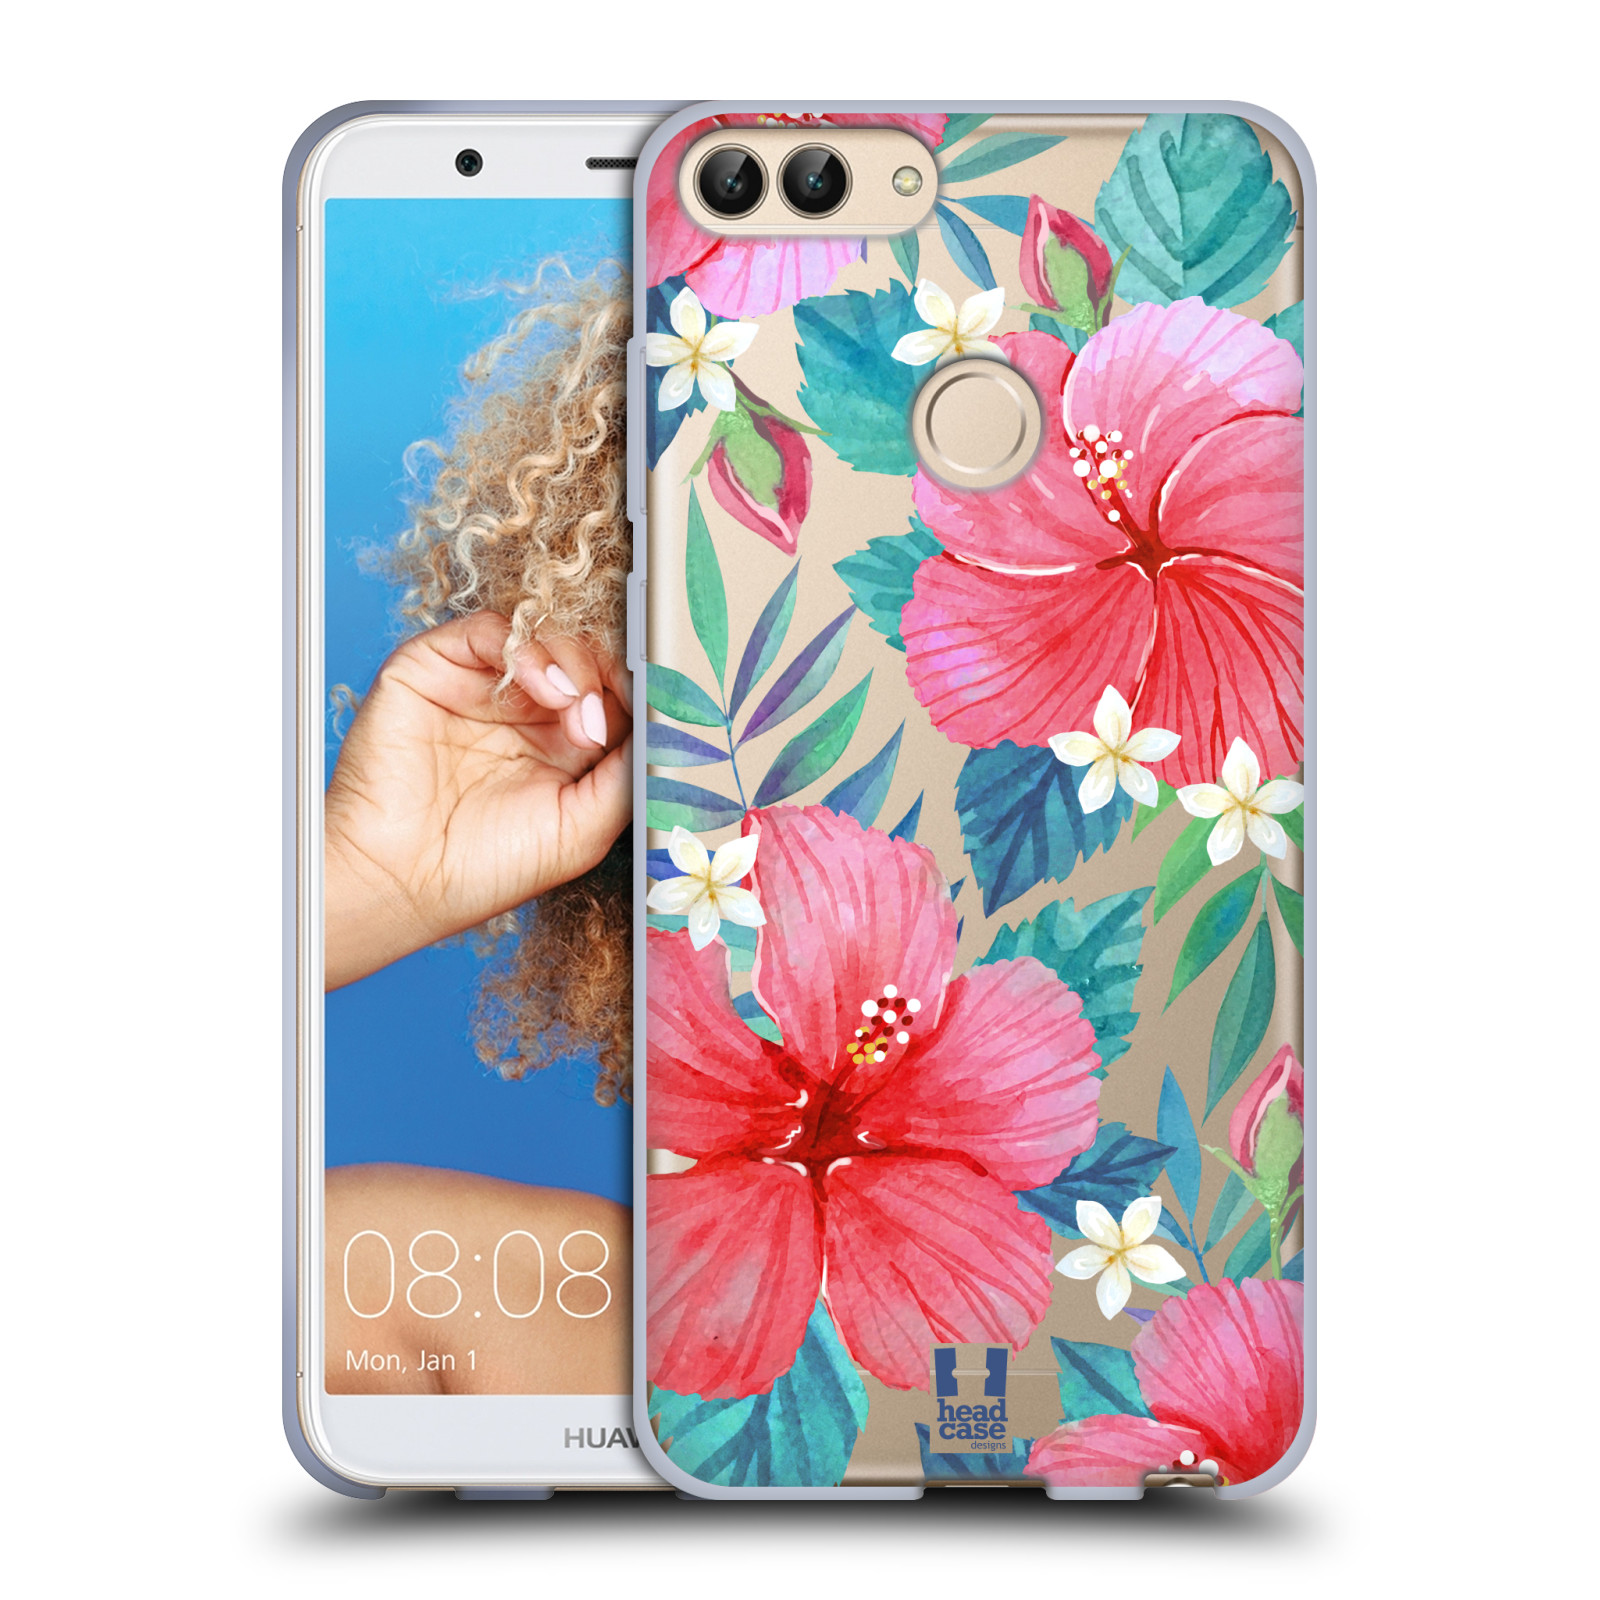 HEAD CASE silikonový obal na mobil Huawei P Smart (DUAL SIM a SINGLE SIM) květinové vzory Ibišek čínská růže